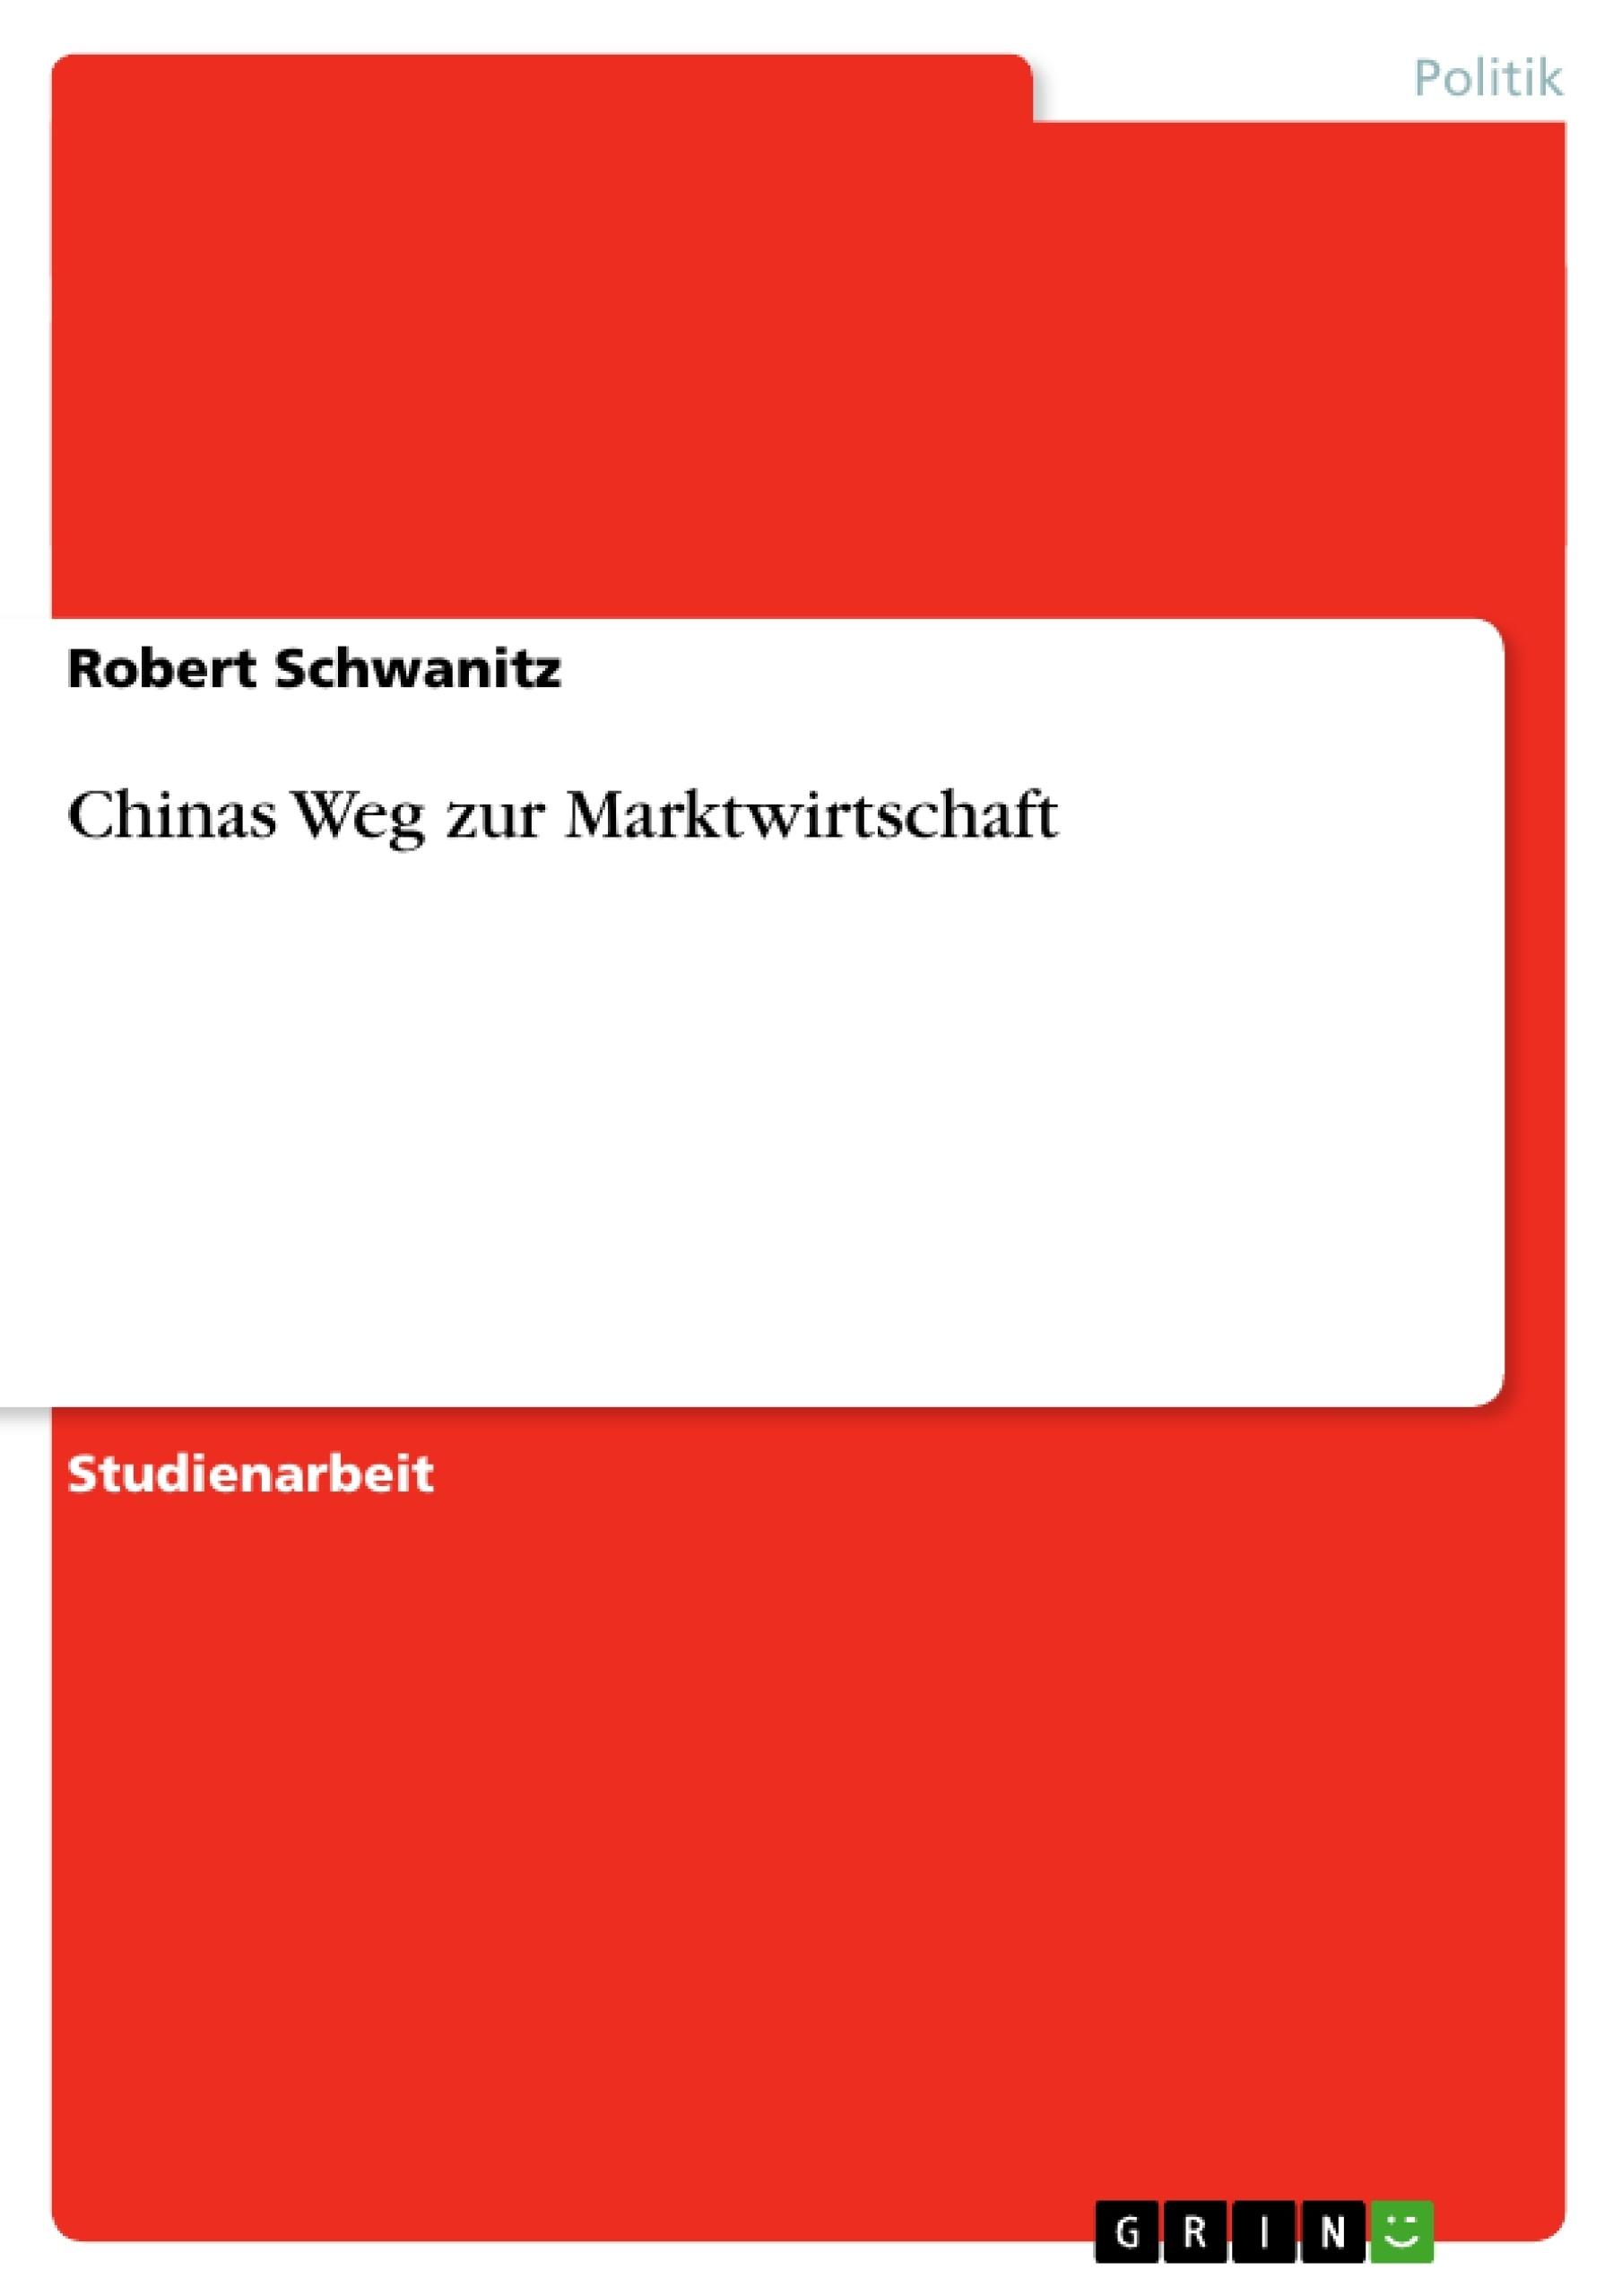 Titel: Chinas Weg zur Marktwirtschaft